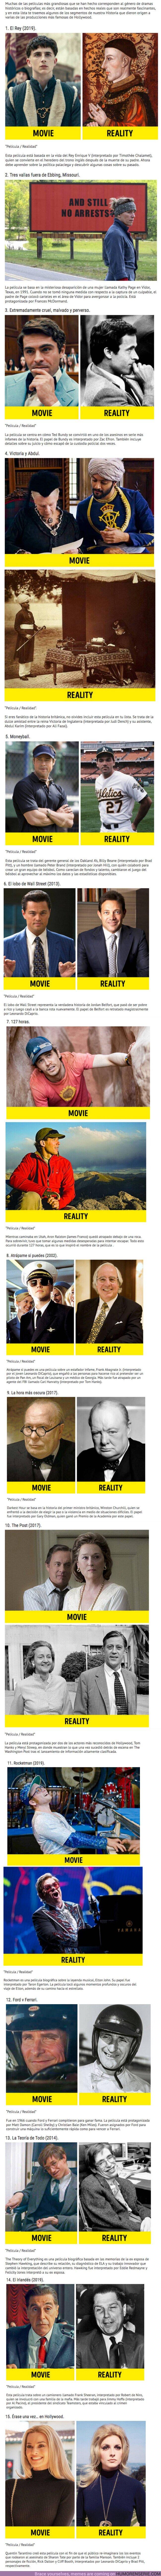 51639 - GALERÍA: 15 Historias reales en las que se inspiraron grandes películas de Hollywood